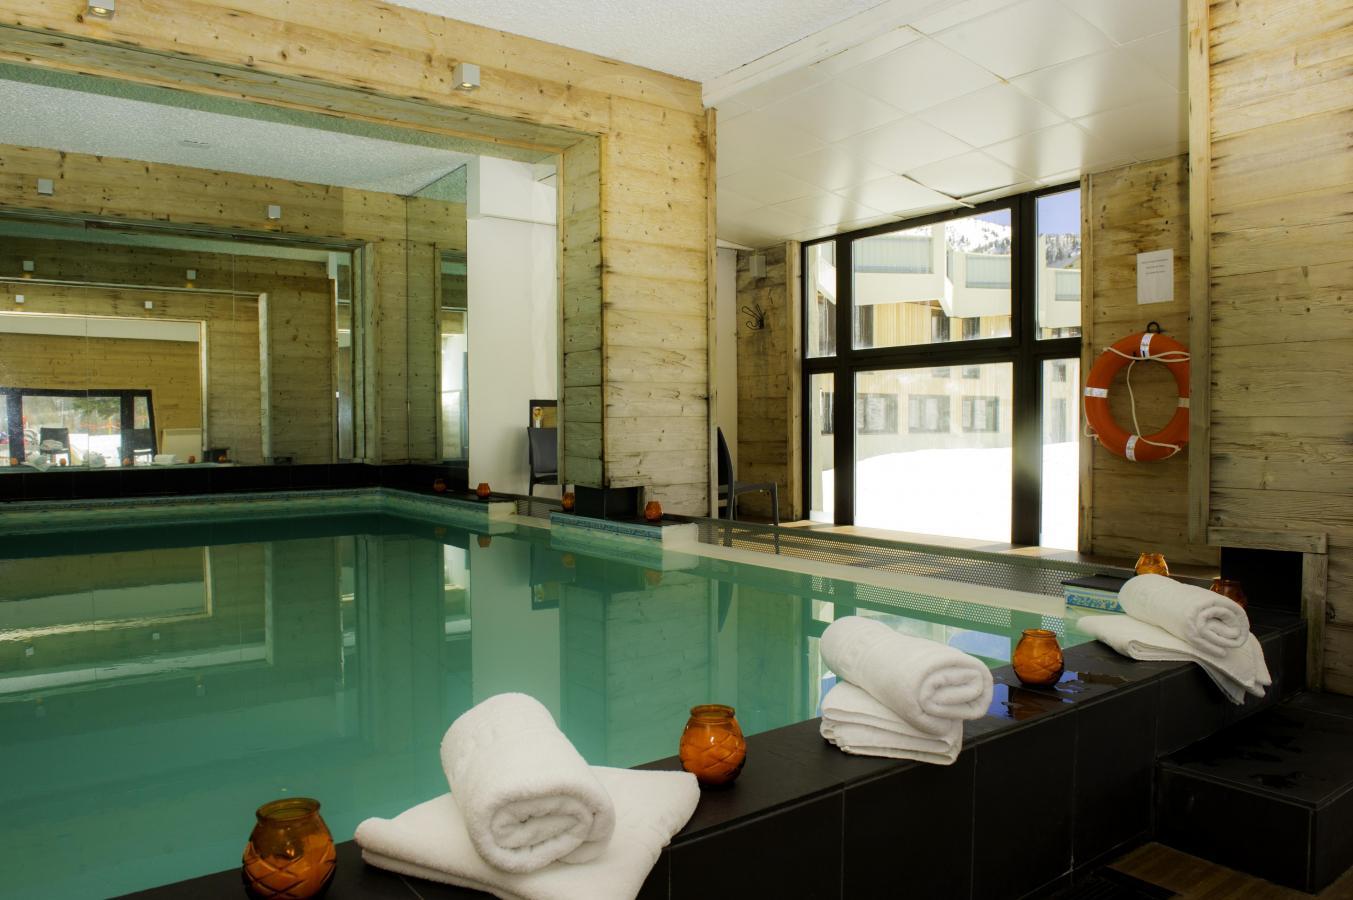 Hotel club du soleil pas du loup isola 2000 location for Club piscine soleil chicoutimi